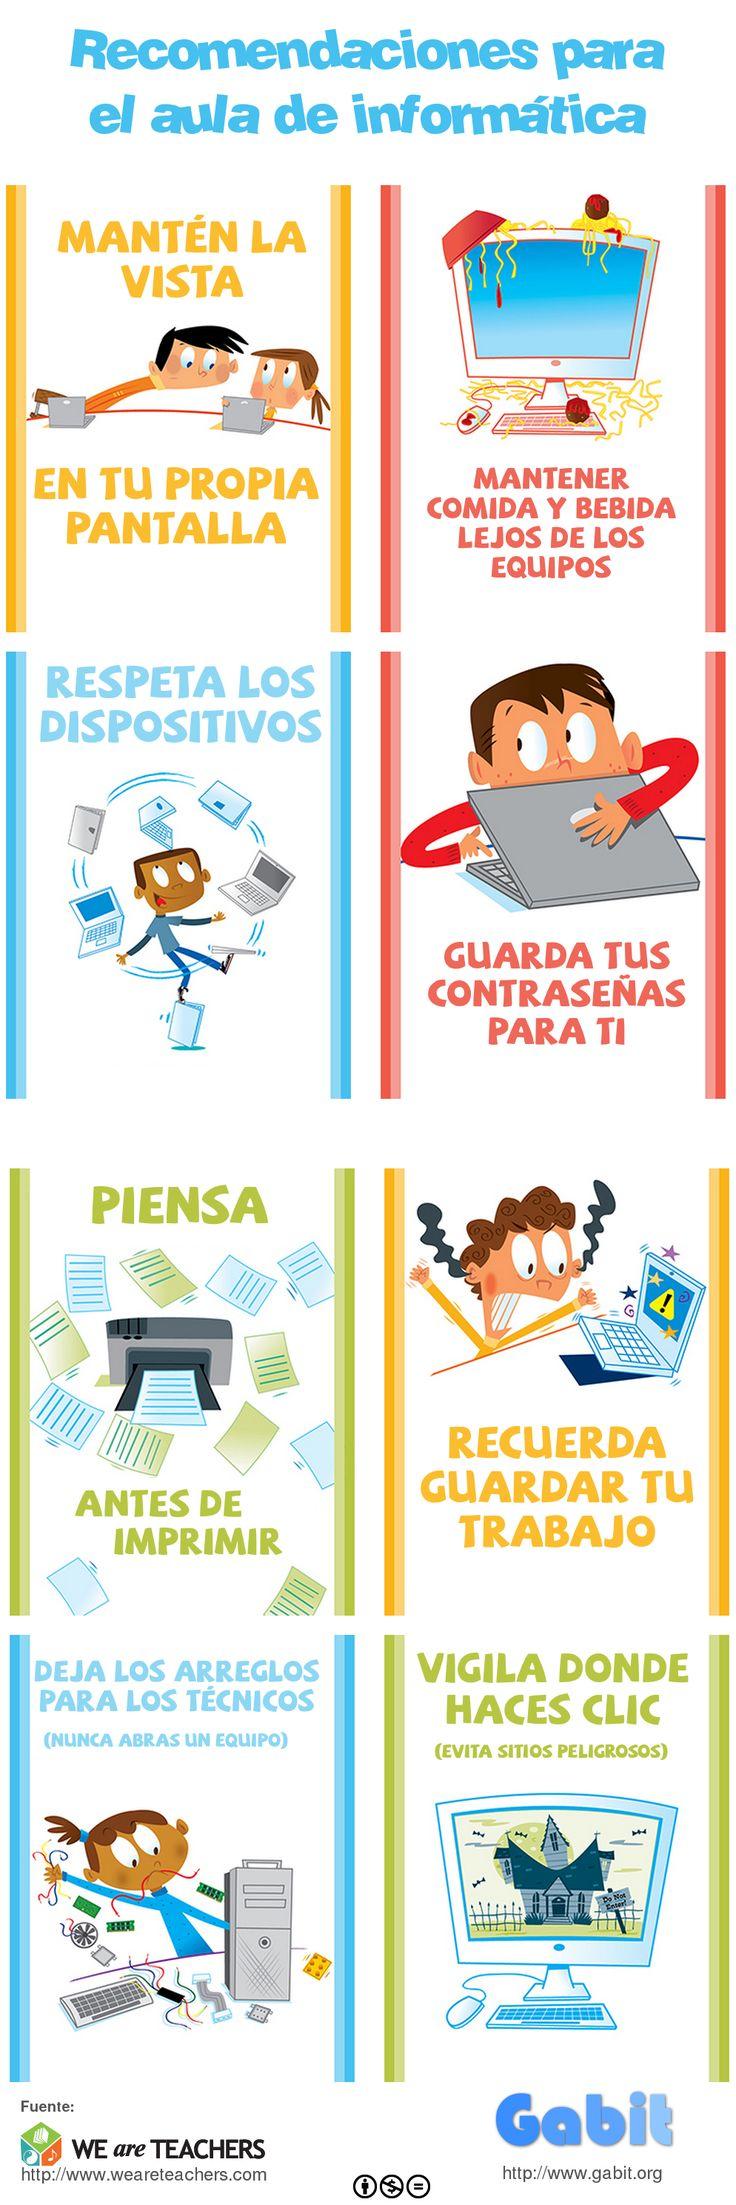 Infografía con recomendaciones diarias para el aula de informática. #infografia #poster #educacion